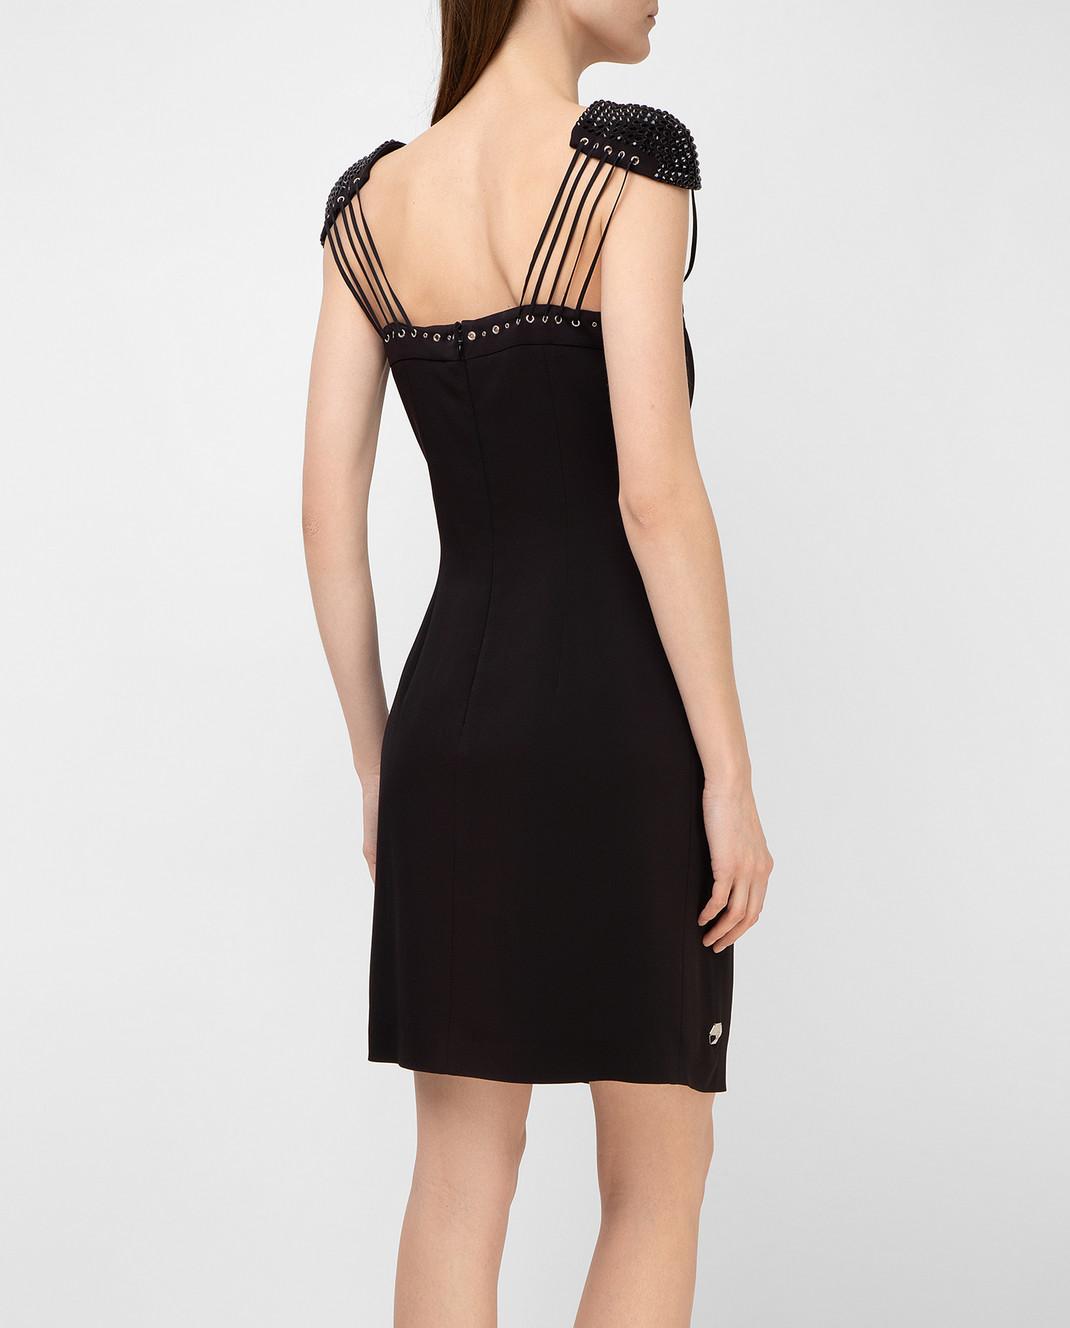 Philipp Plein Черное платье с кристаллами CWRG0060 изображение 4